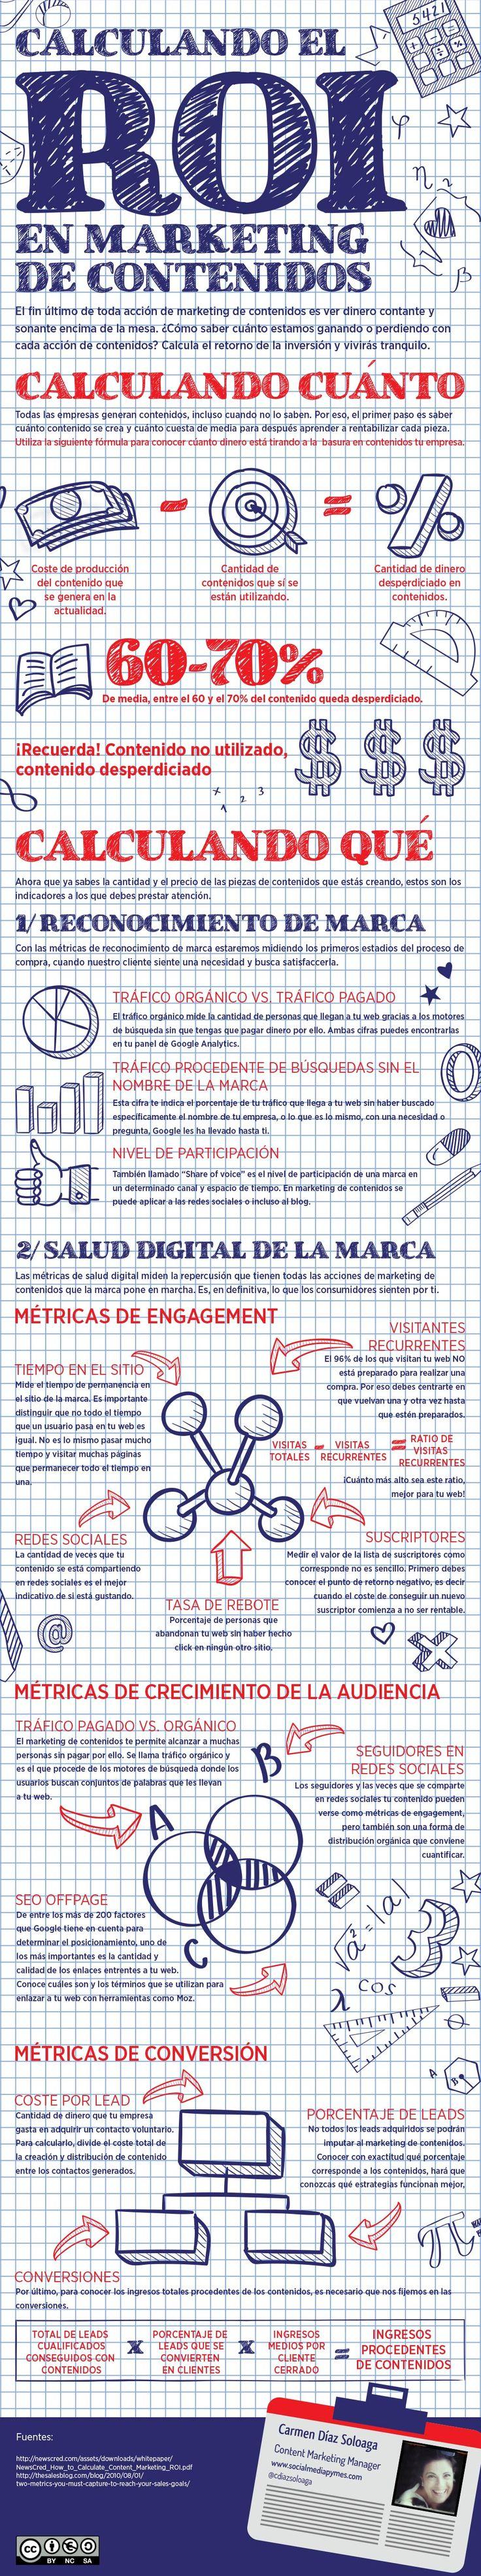 Calculando el ROI en Marketing de Contenido. infografía en español. #CommunityManager